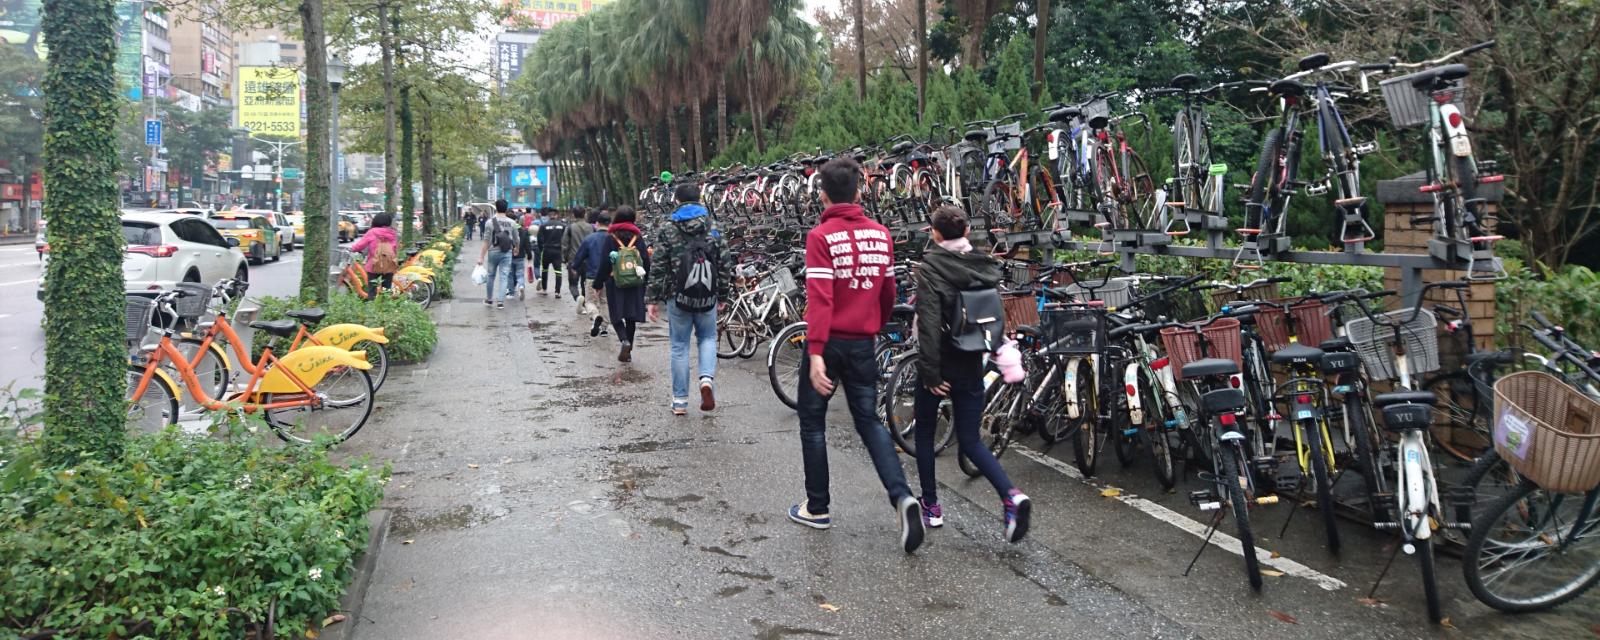 台湾大学周辺